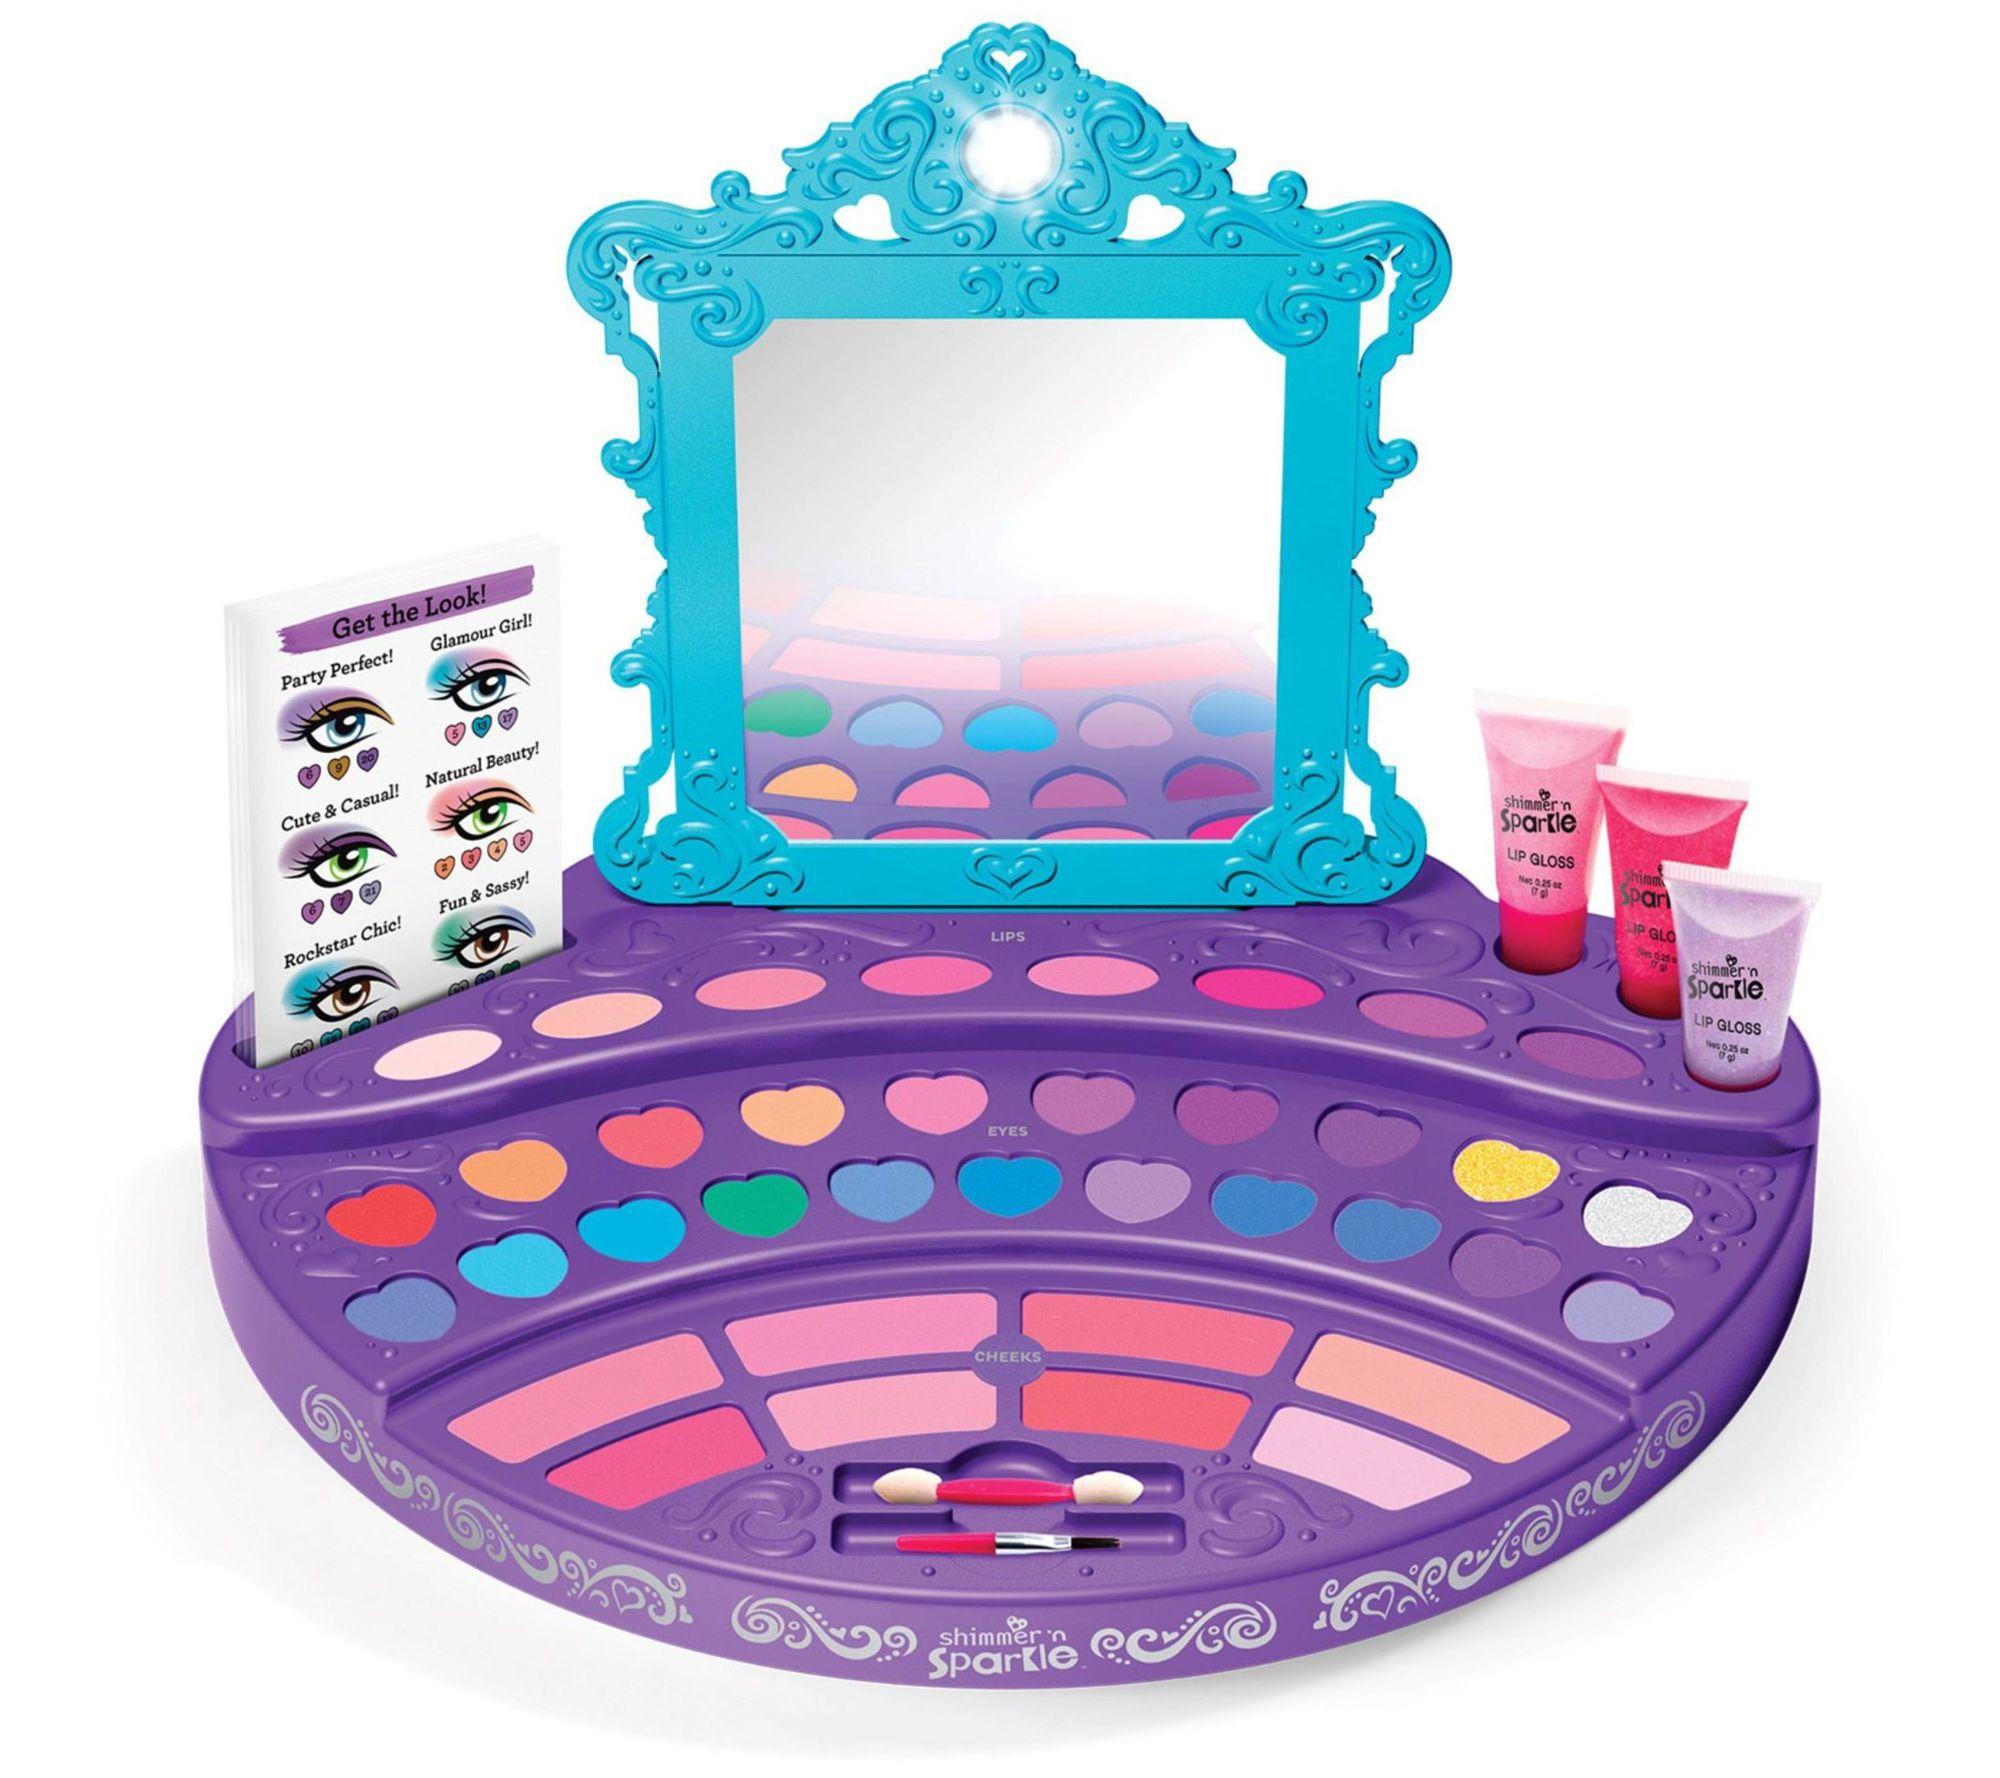 Cra Z Art Shimmer N Sparke Ultimate Make Up Design Studio Qvc Com